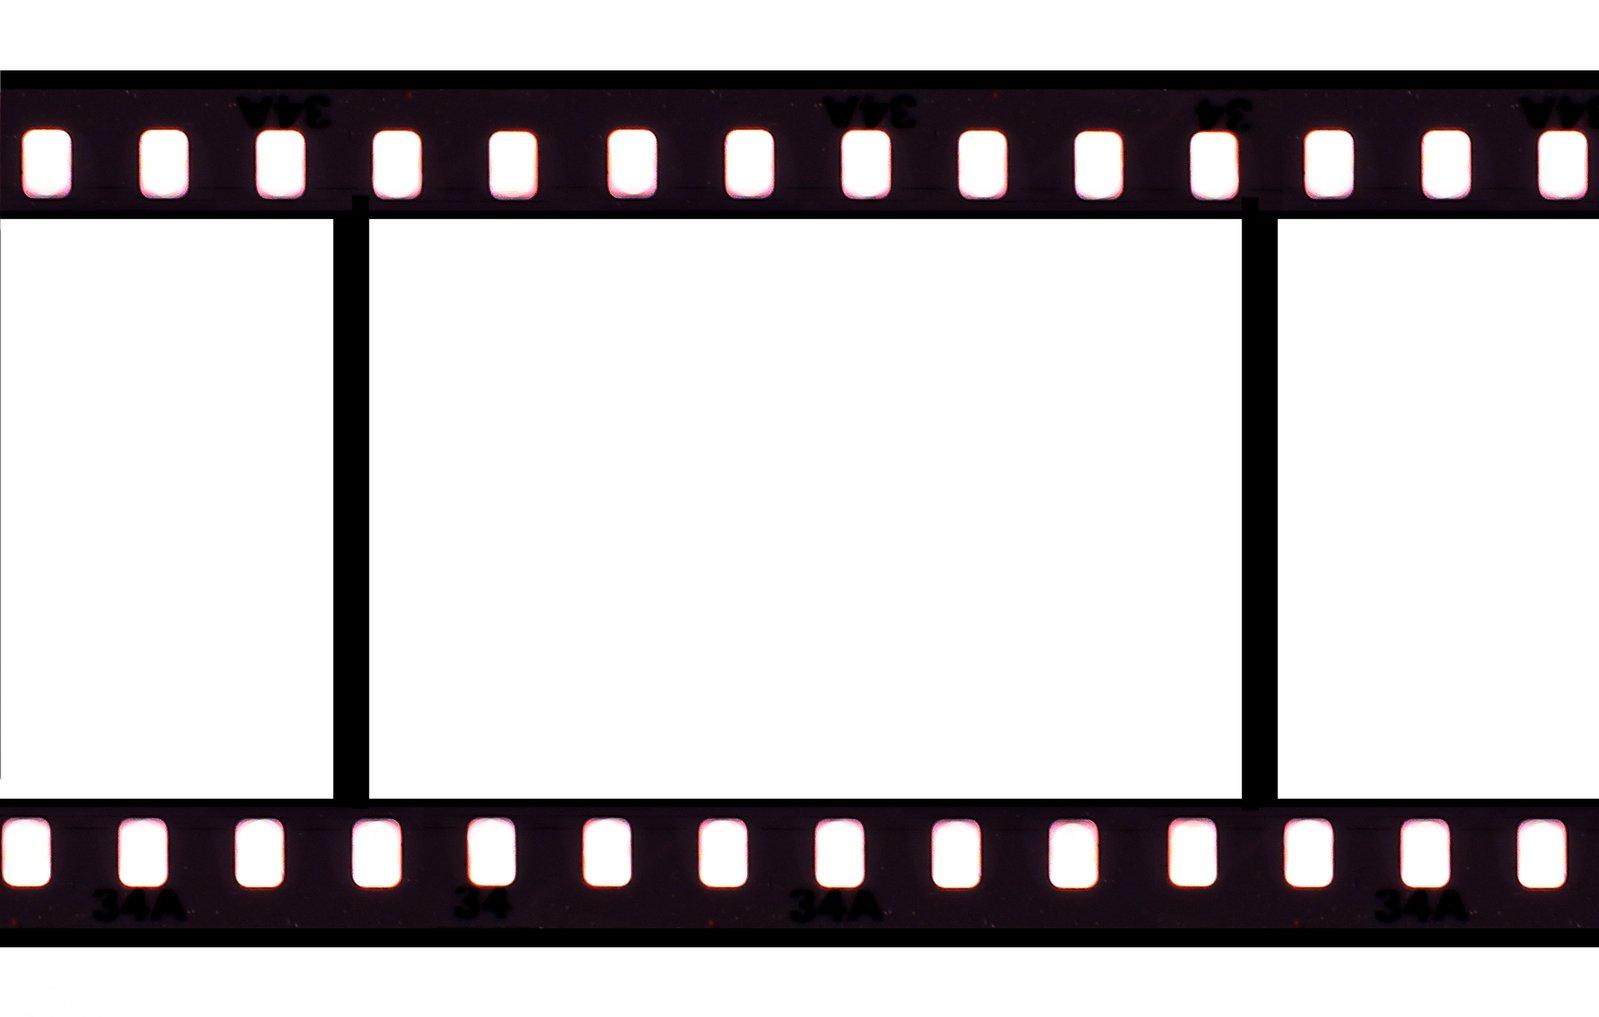 Free Film Strip Stock Photo - FreeImages.com